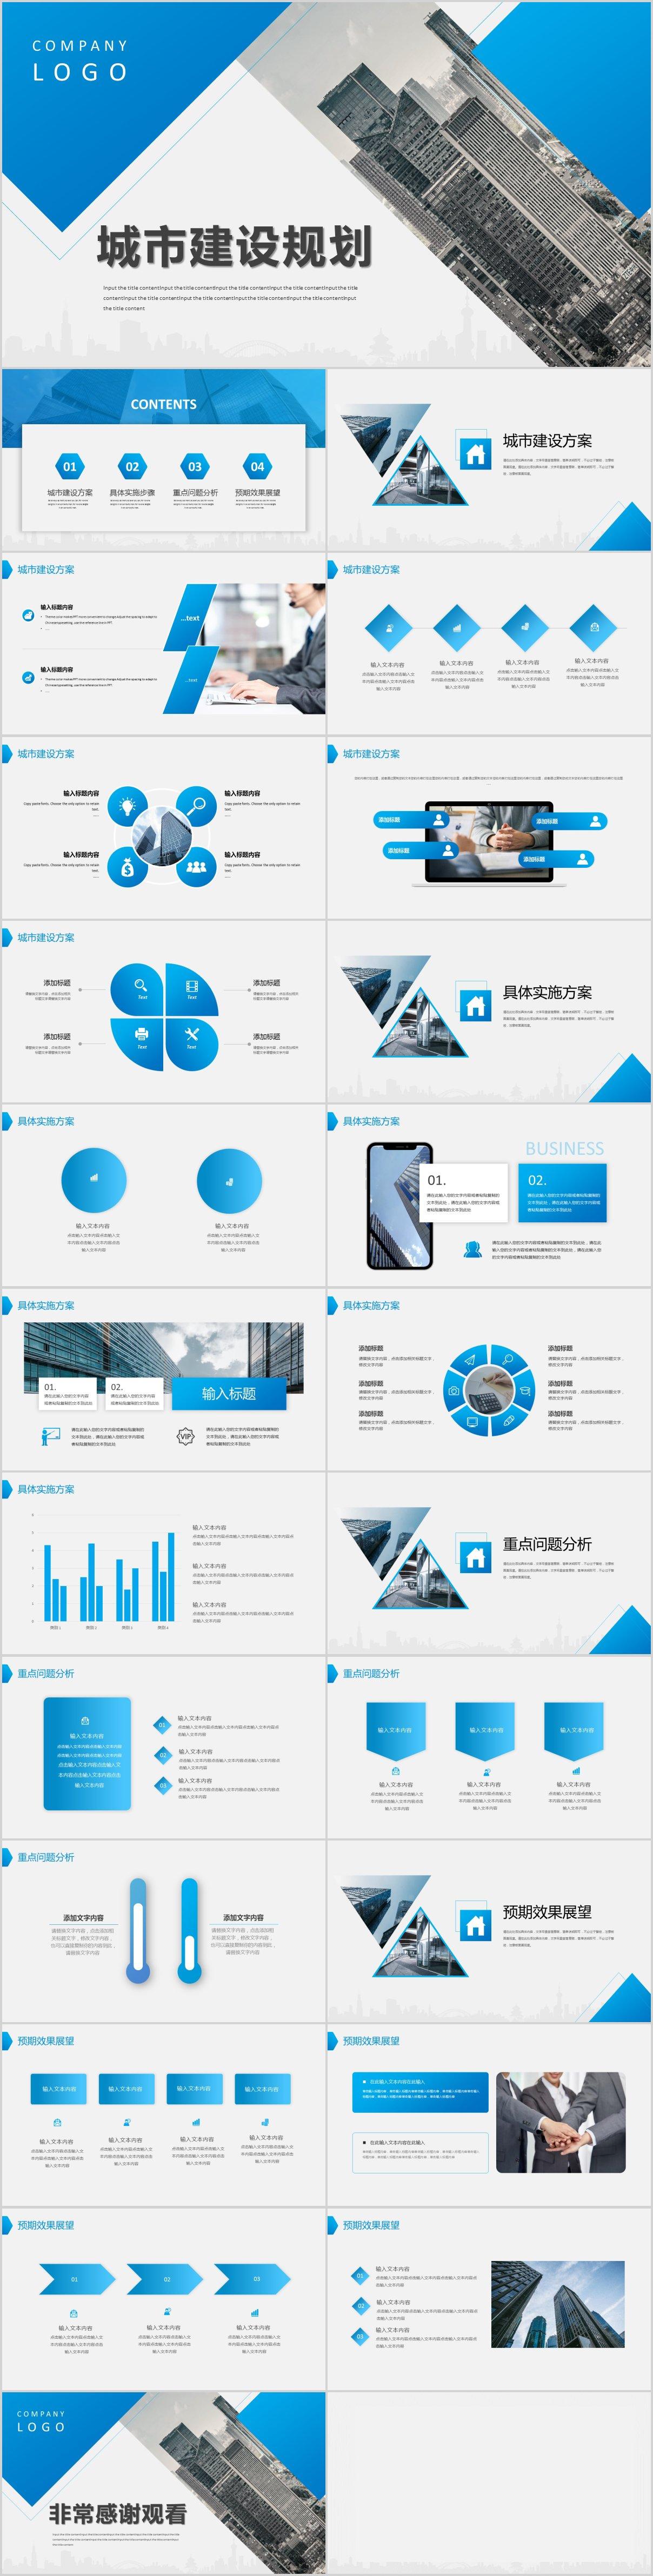 蓝色几何简约城市建设规划PPT模板